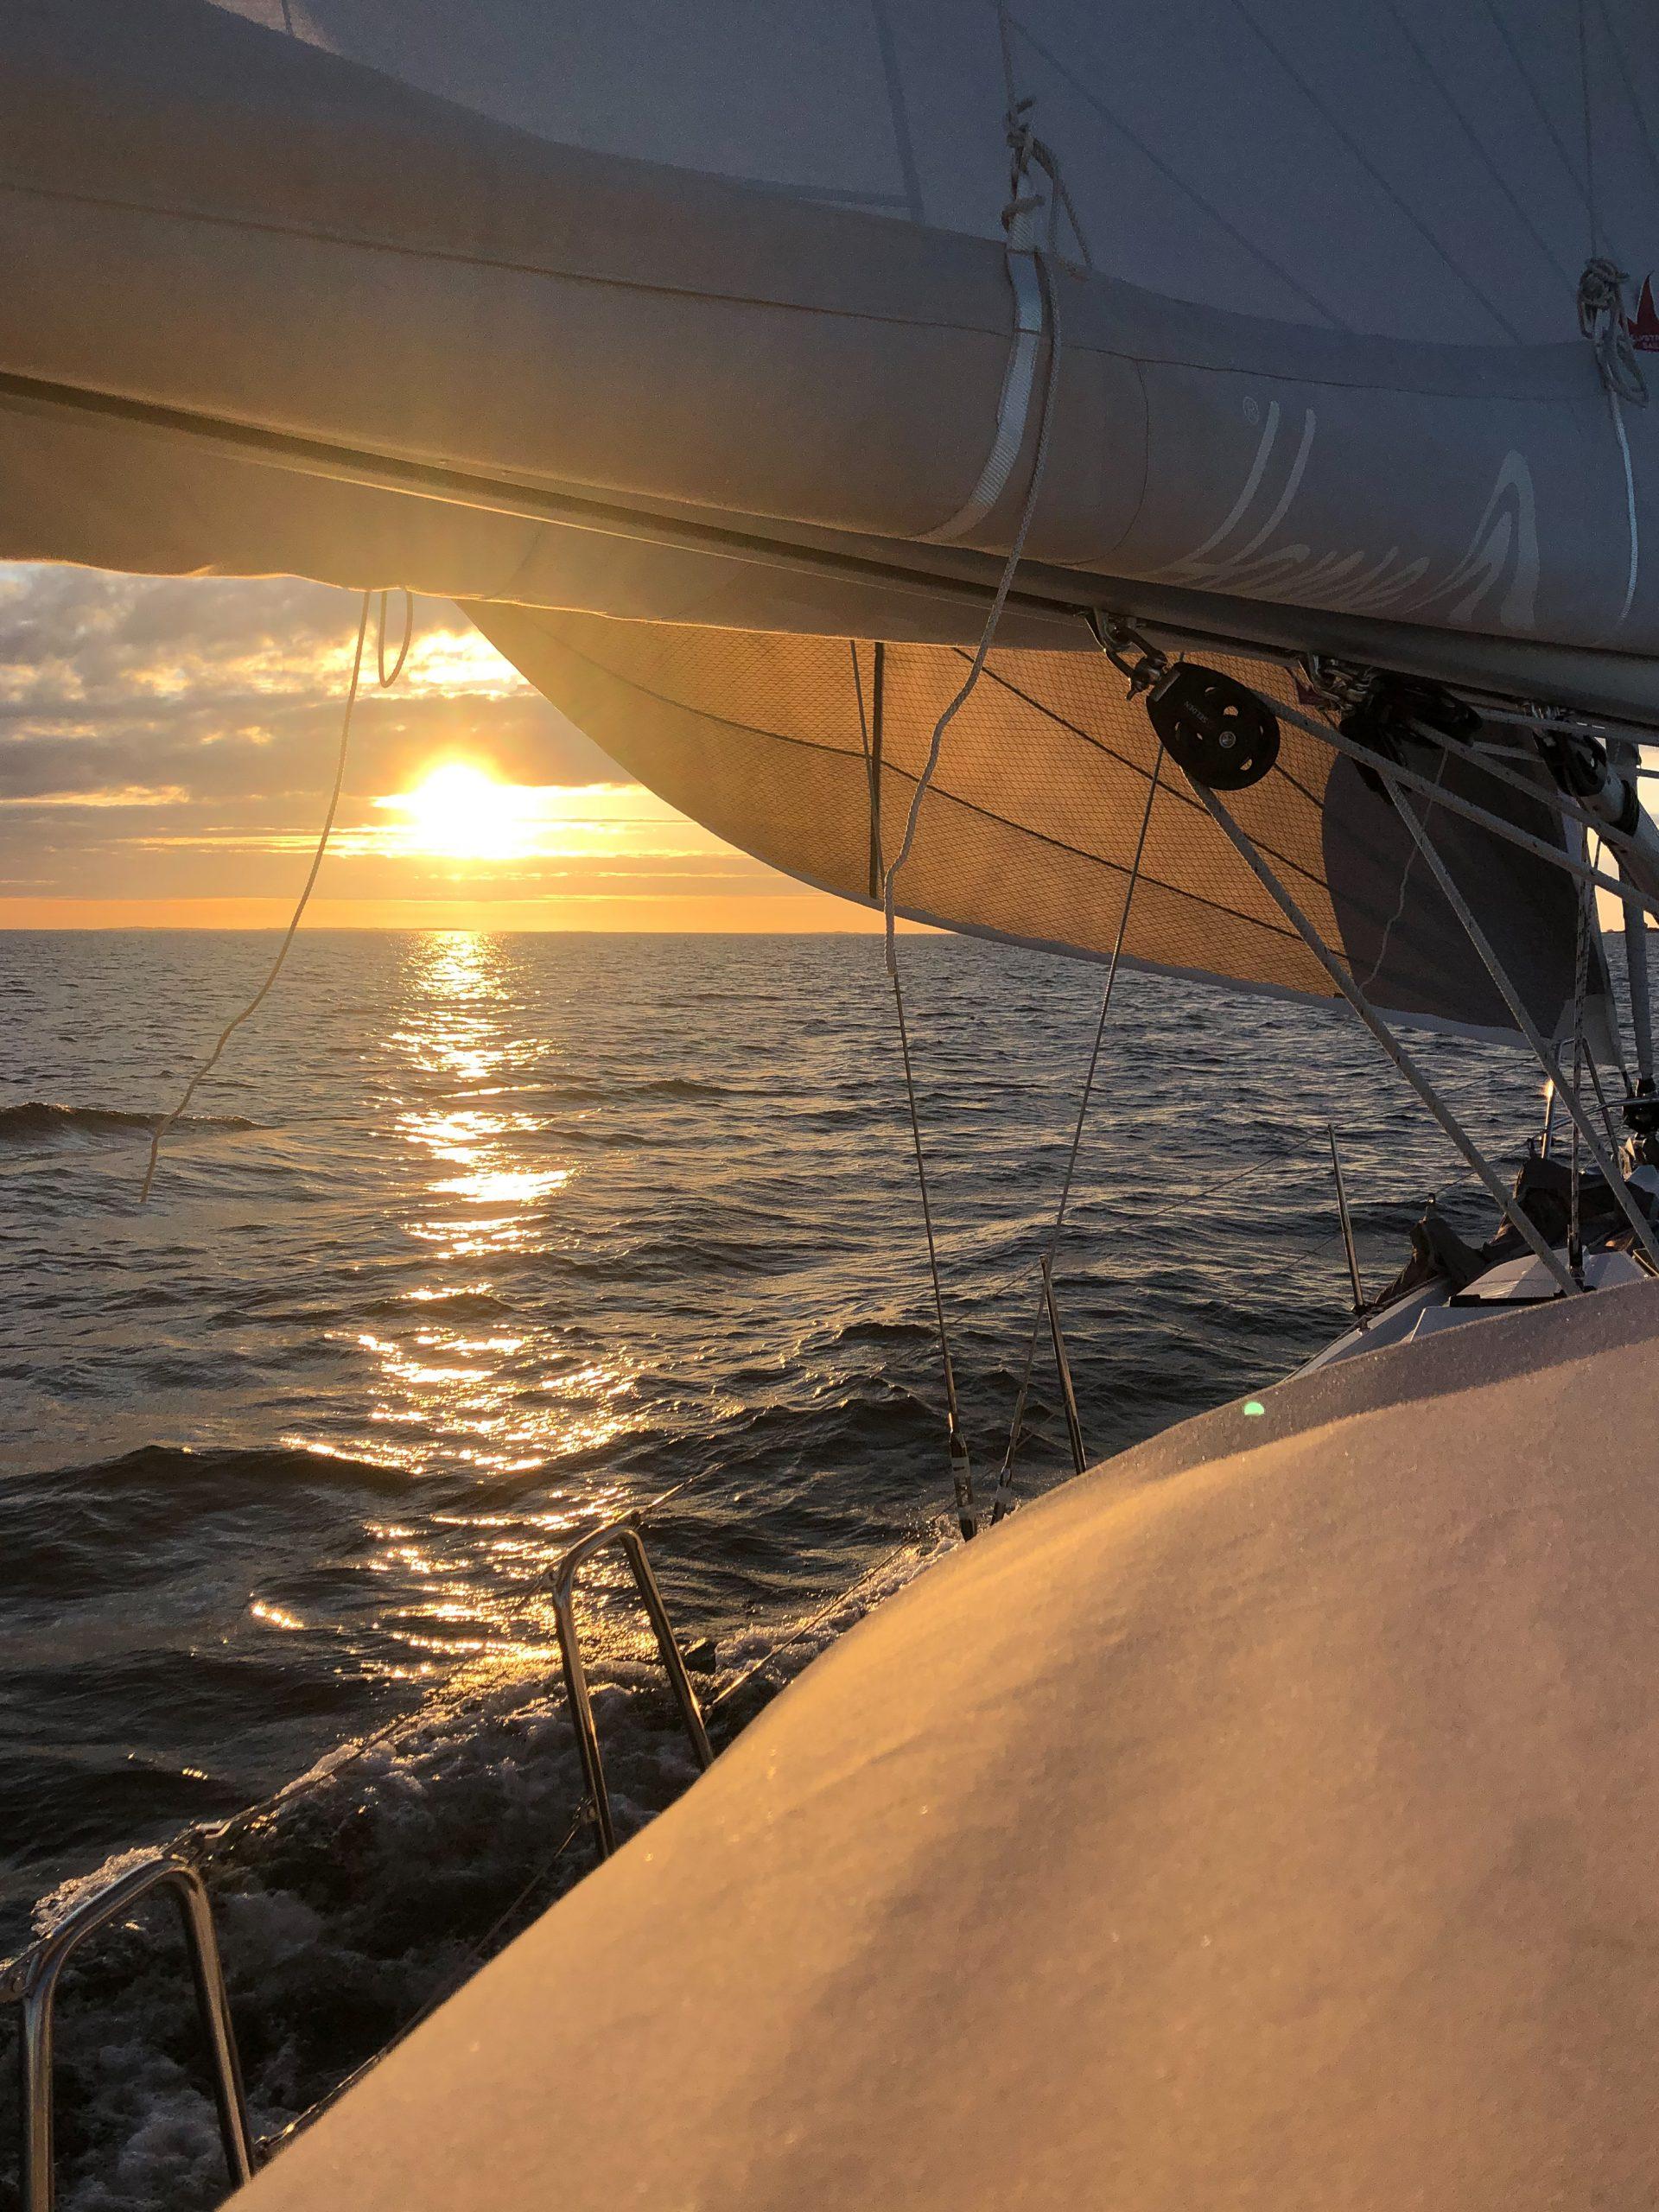 Hanse 388 s/y Charlotte broad reaching.